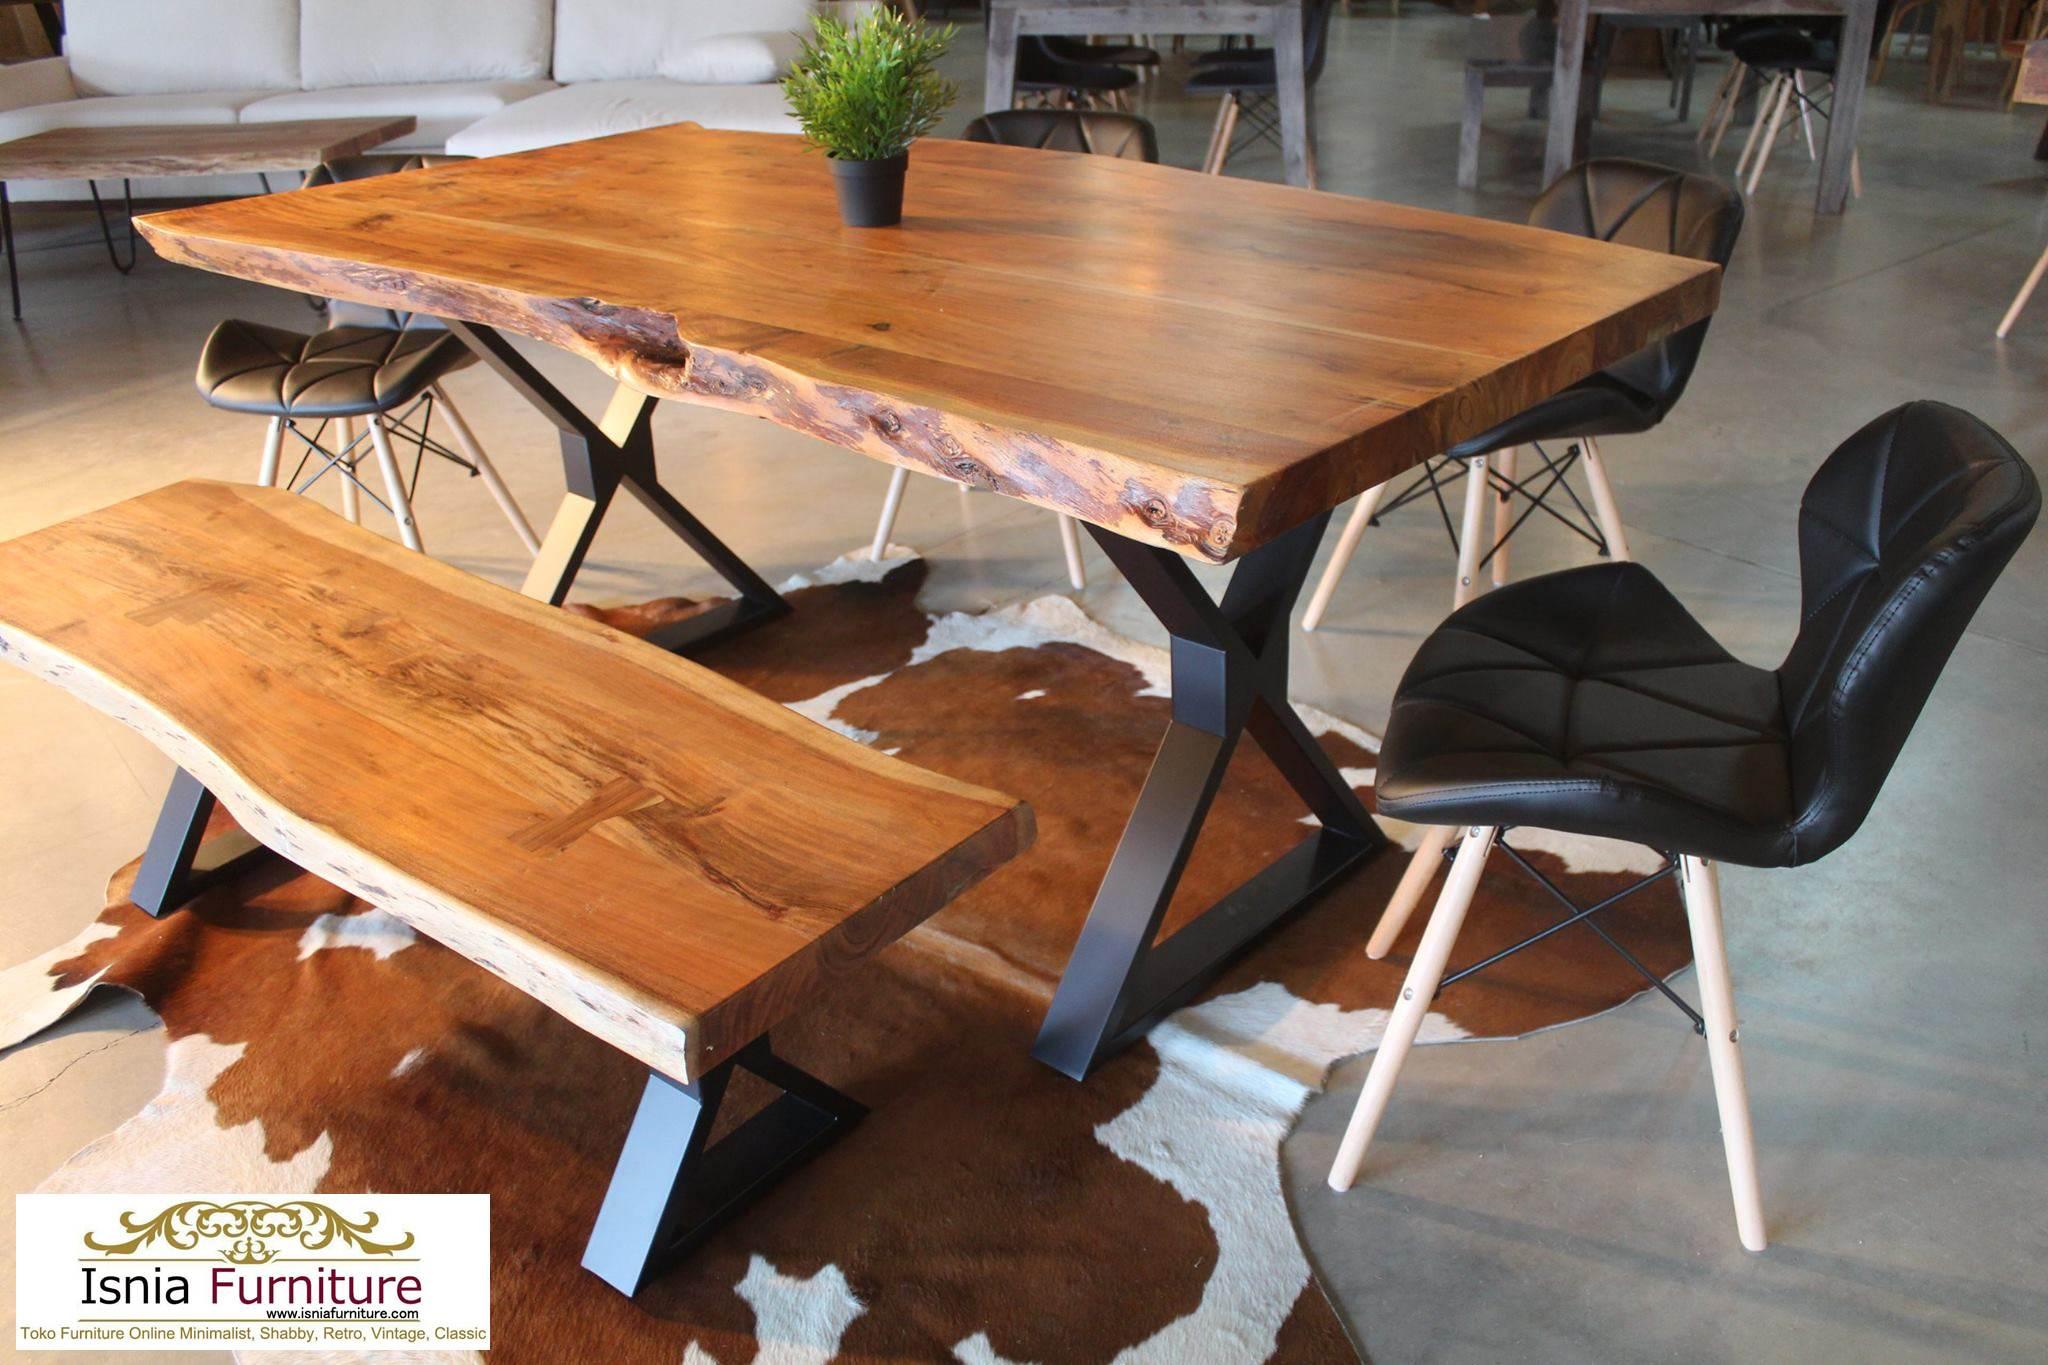 Meja Trembesi Kaki Besi Untuk Makan Sehari Hari Model Minimalis